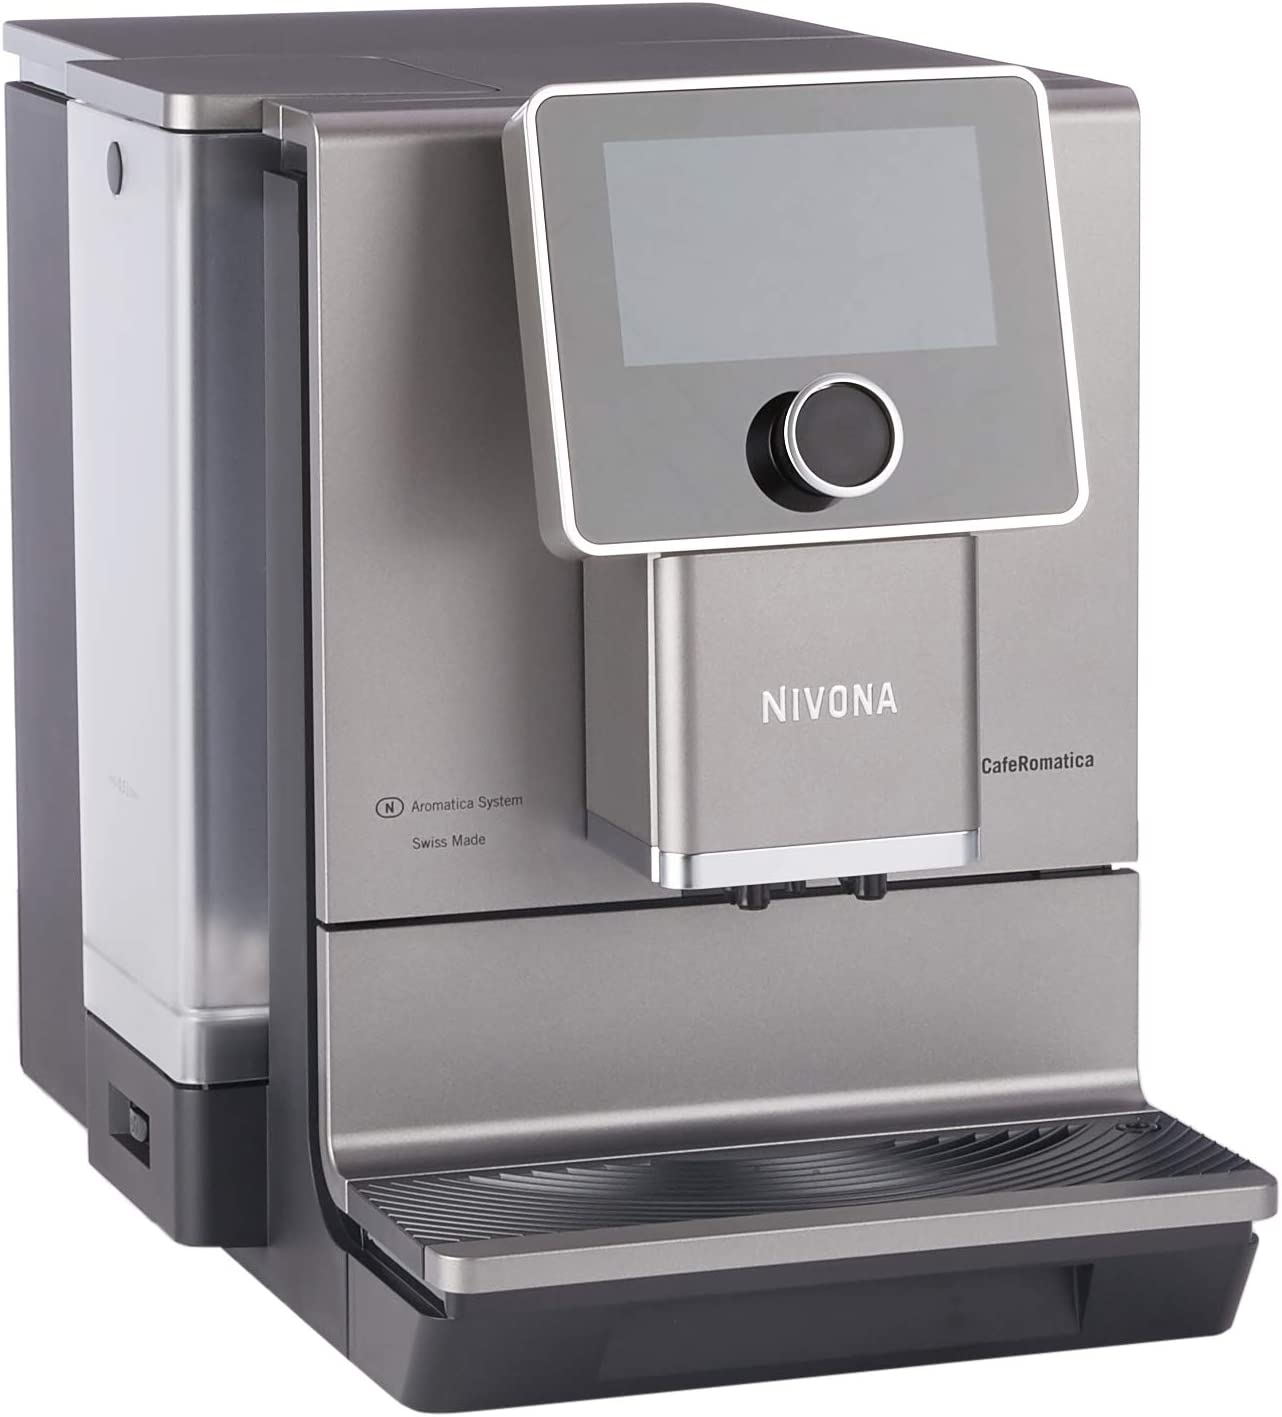 Nivona Kaffeevollautomaten Vergleich